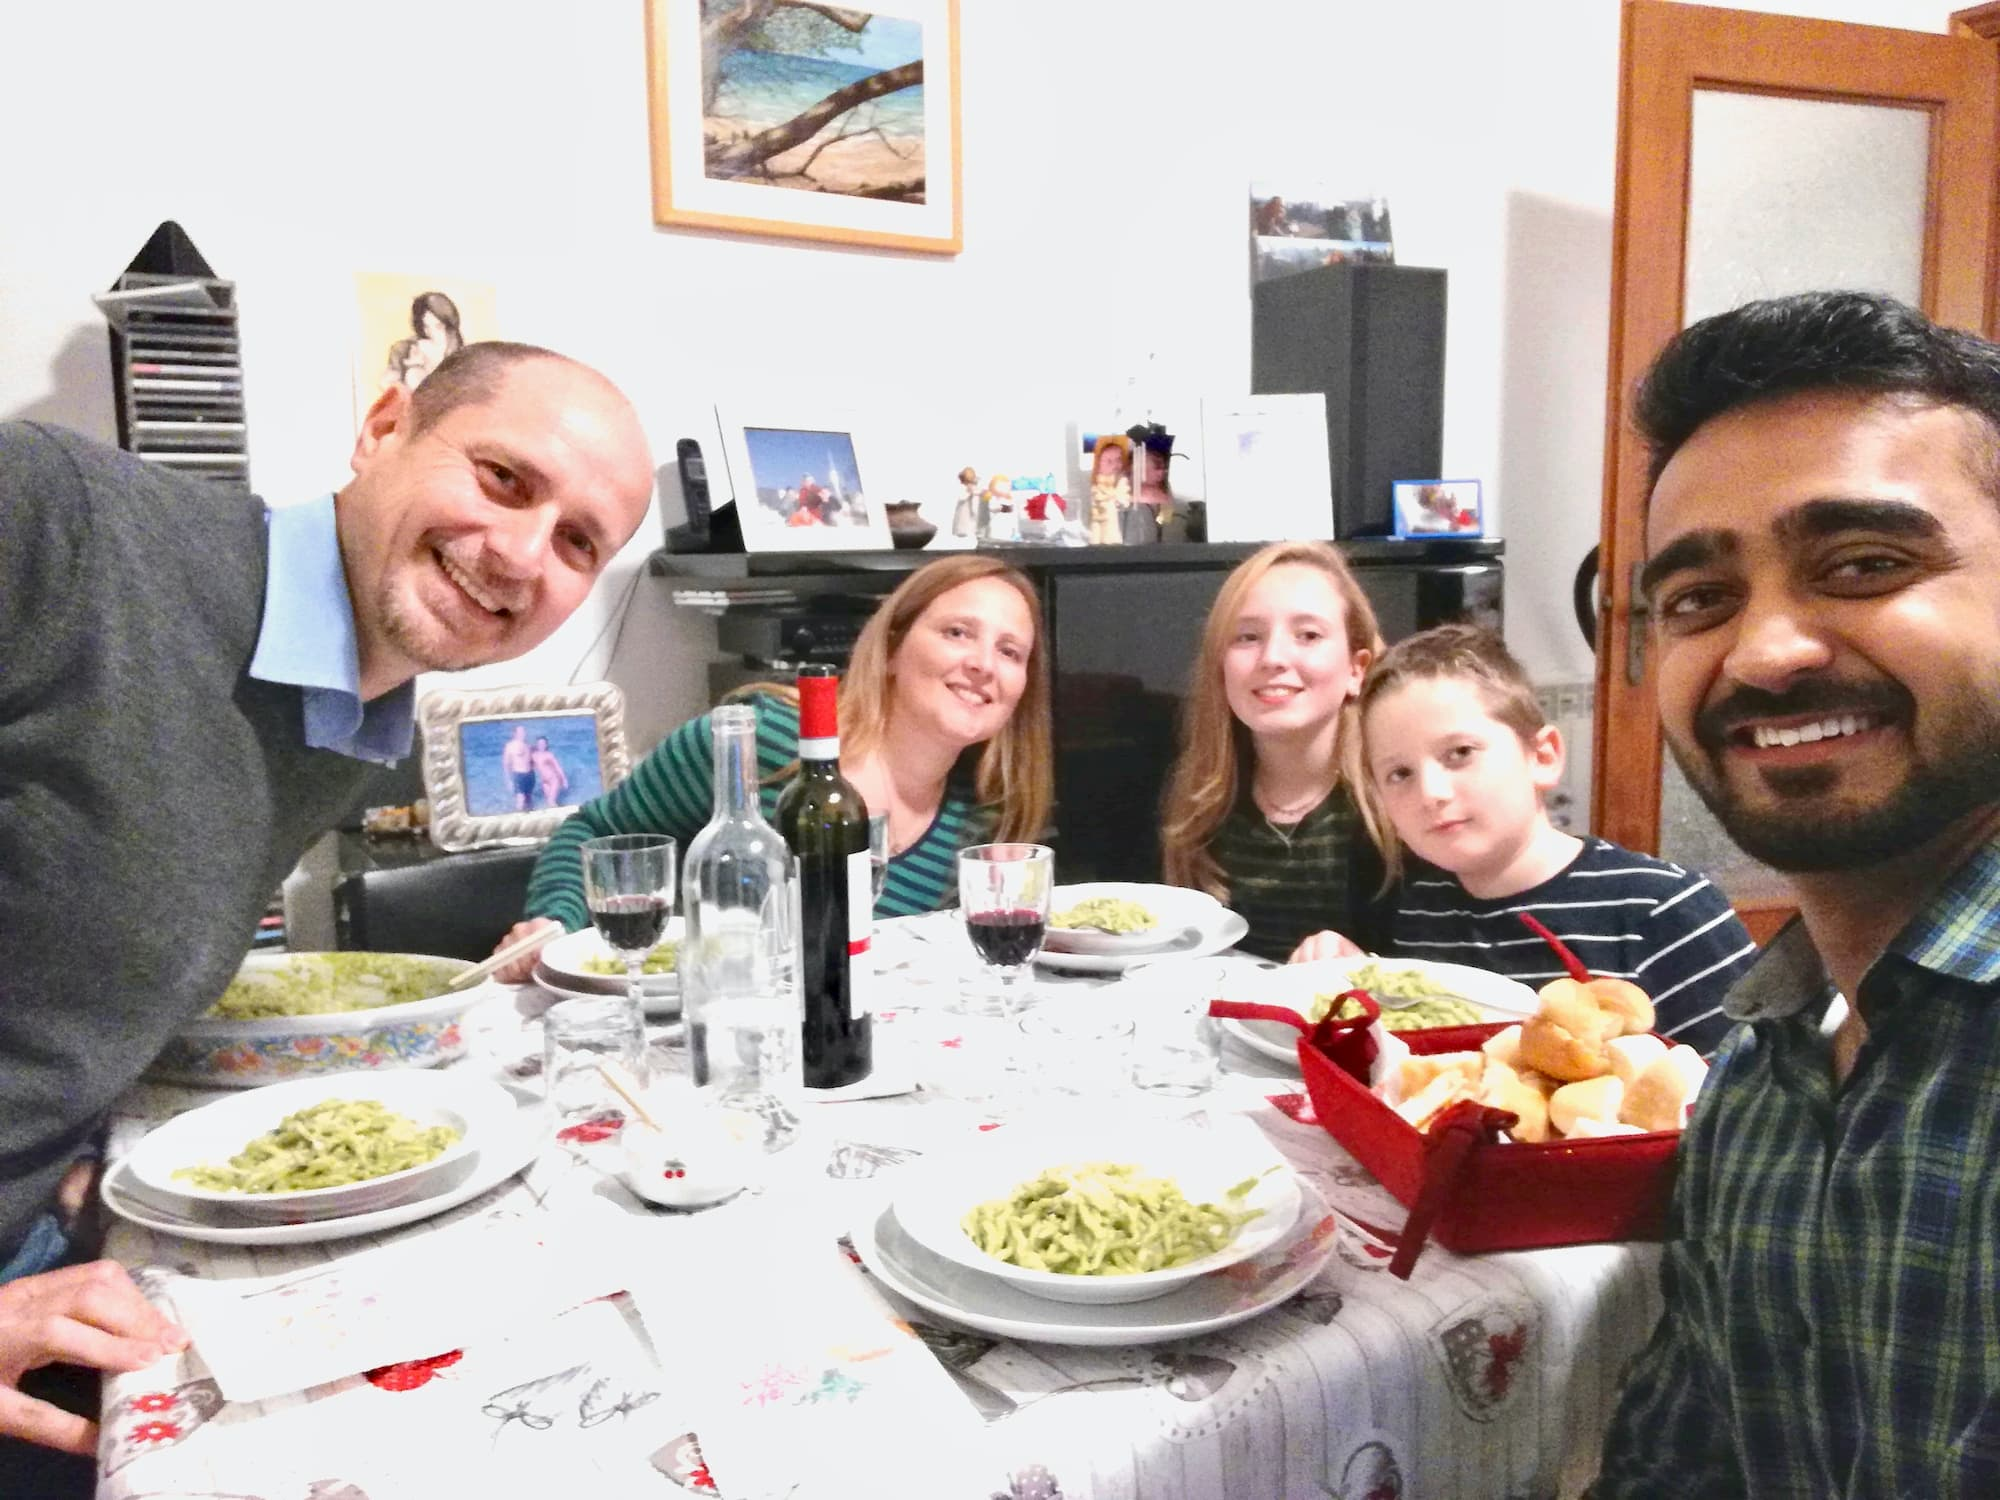 Dîner d'un étudiant international avec une famille italienne - Dinehome